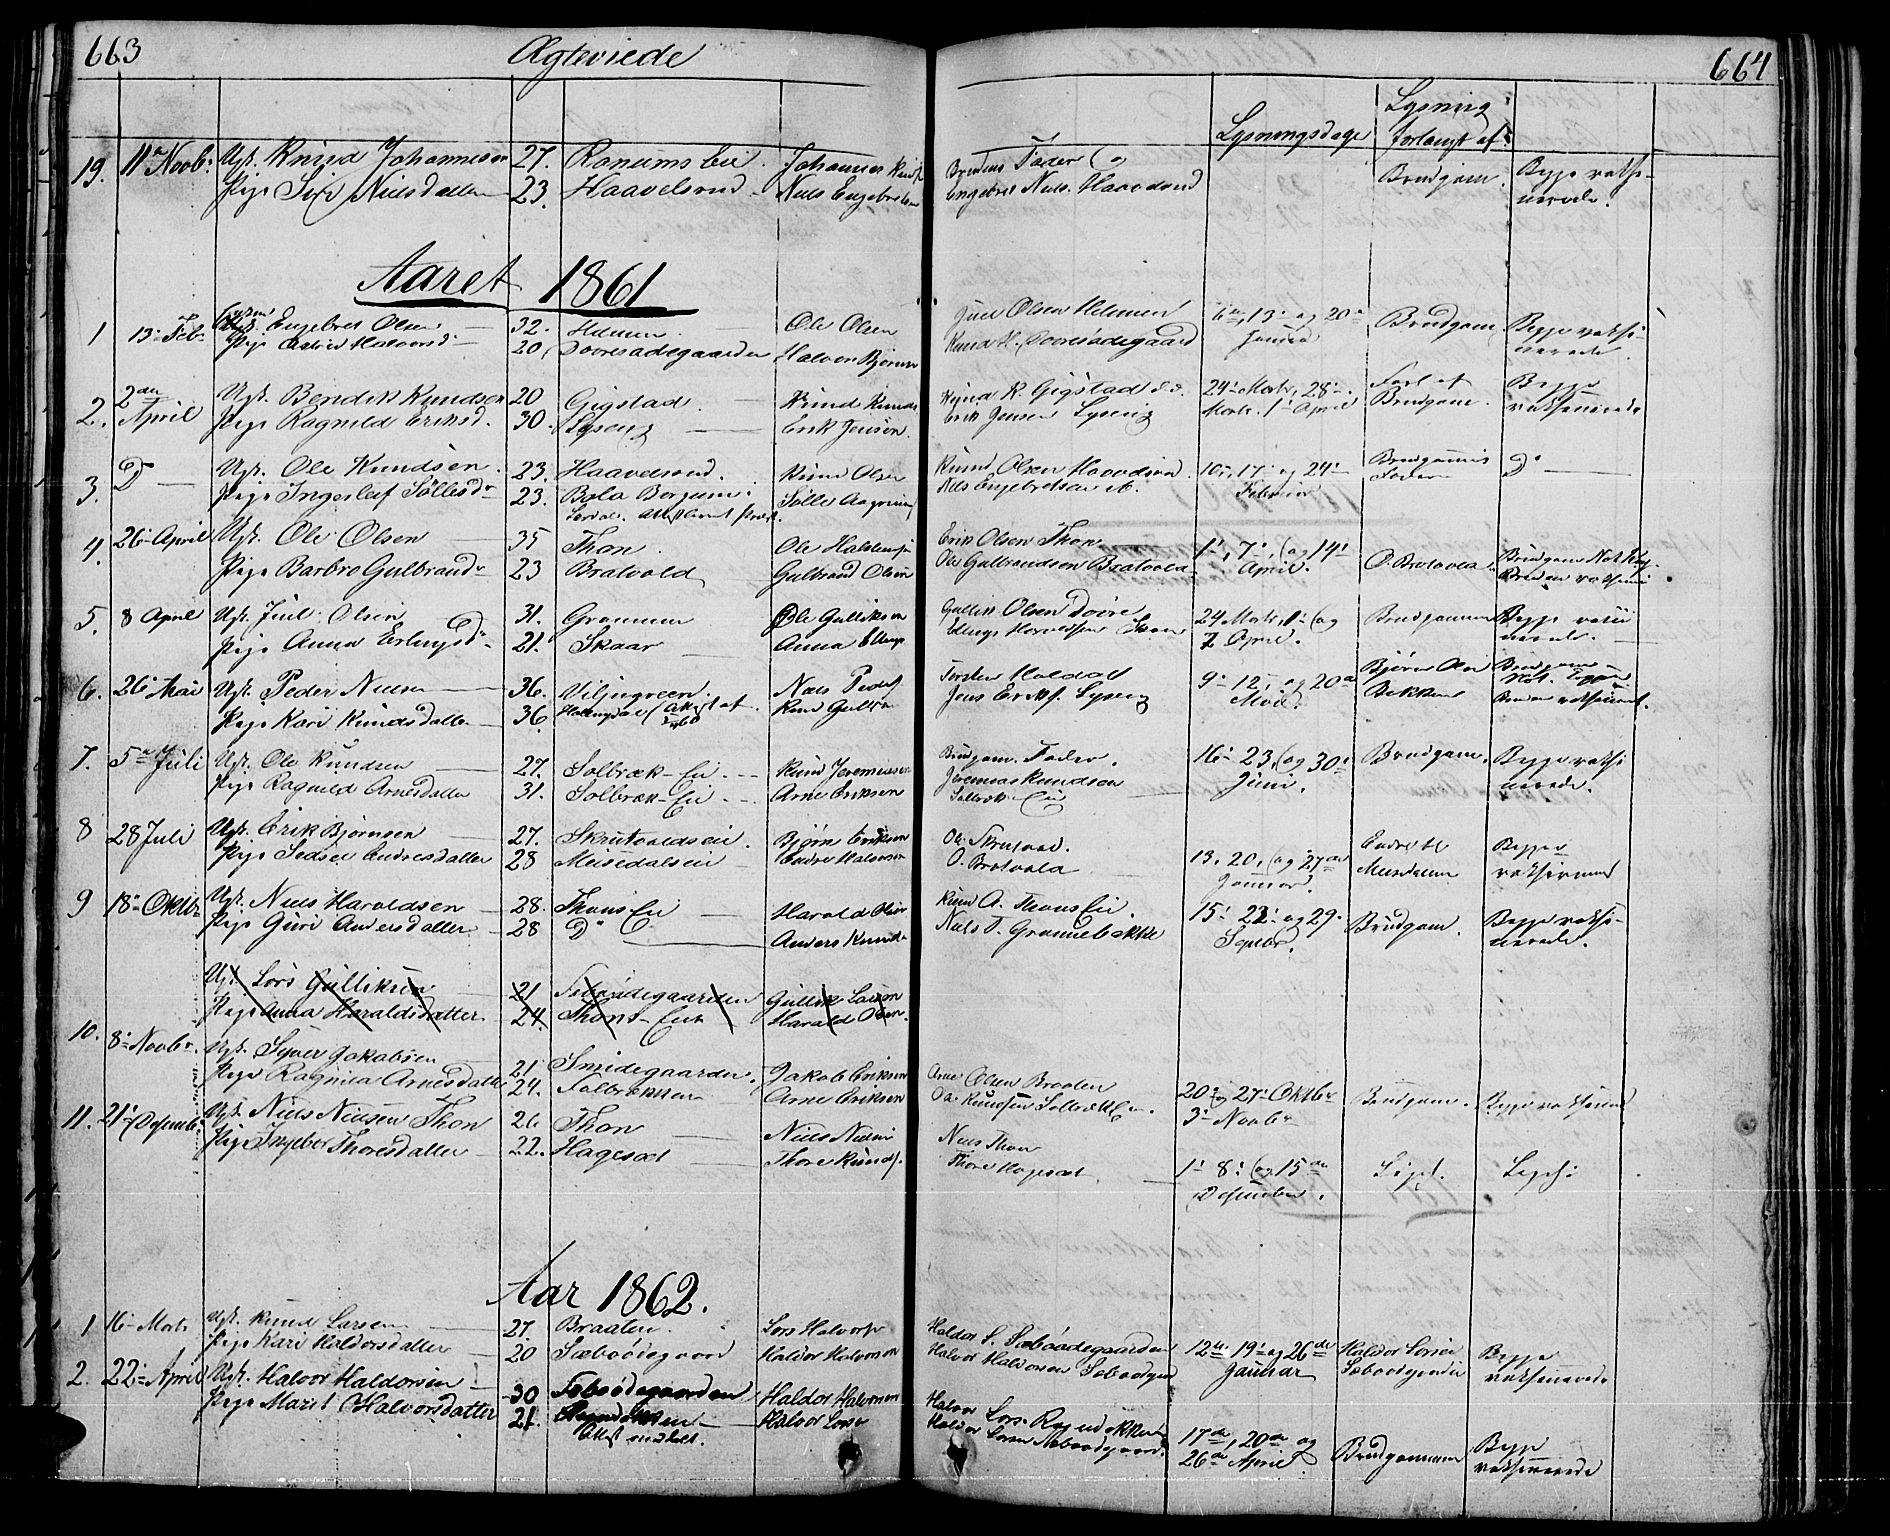 SAH, Nord-Aurdal prestekontor, Klokkerbok nr. 1, 1834-1887, s. 663-664